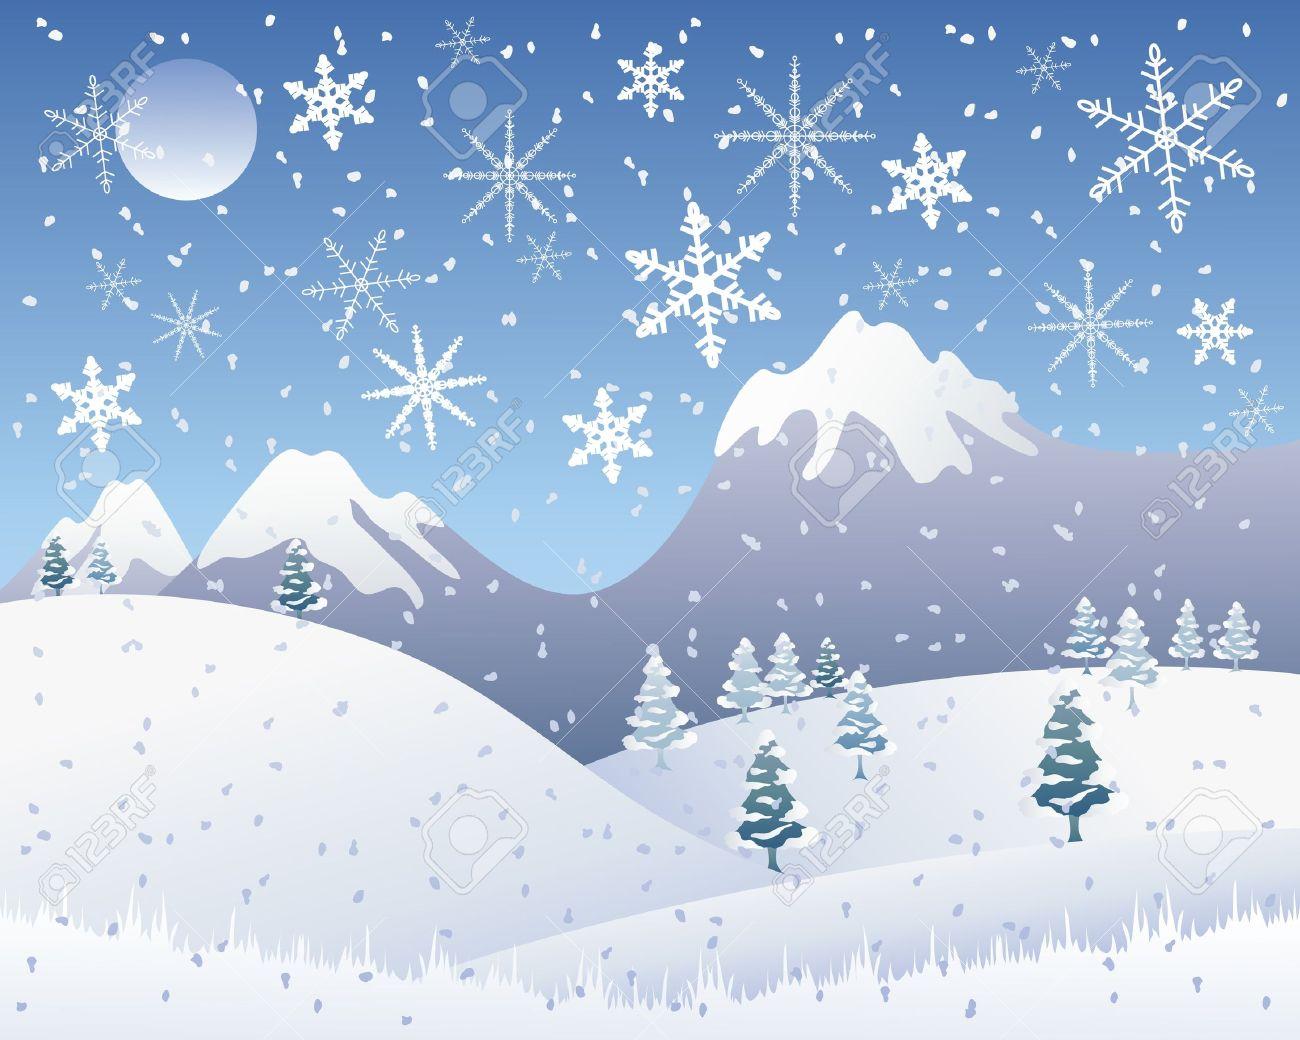 クリスマス 風景 イラスト